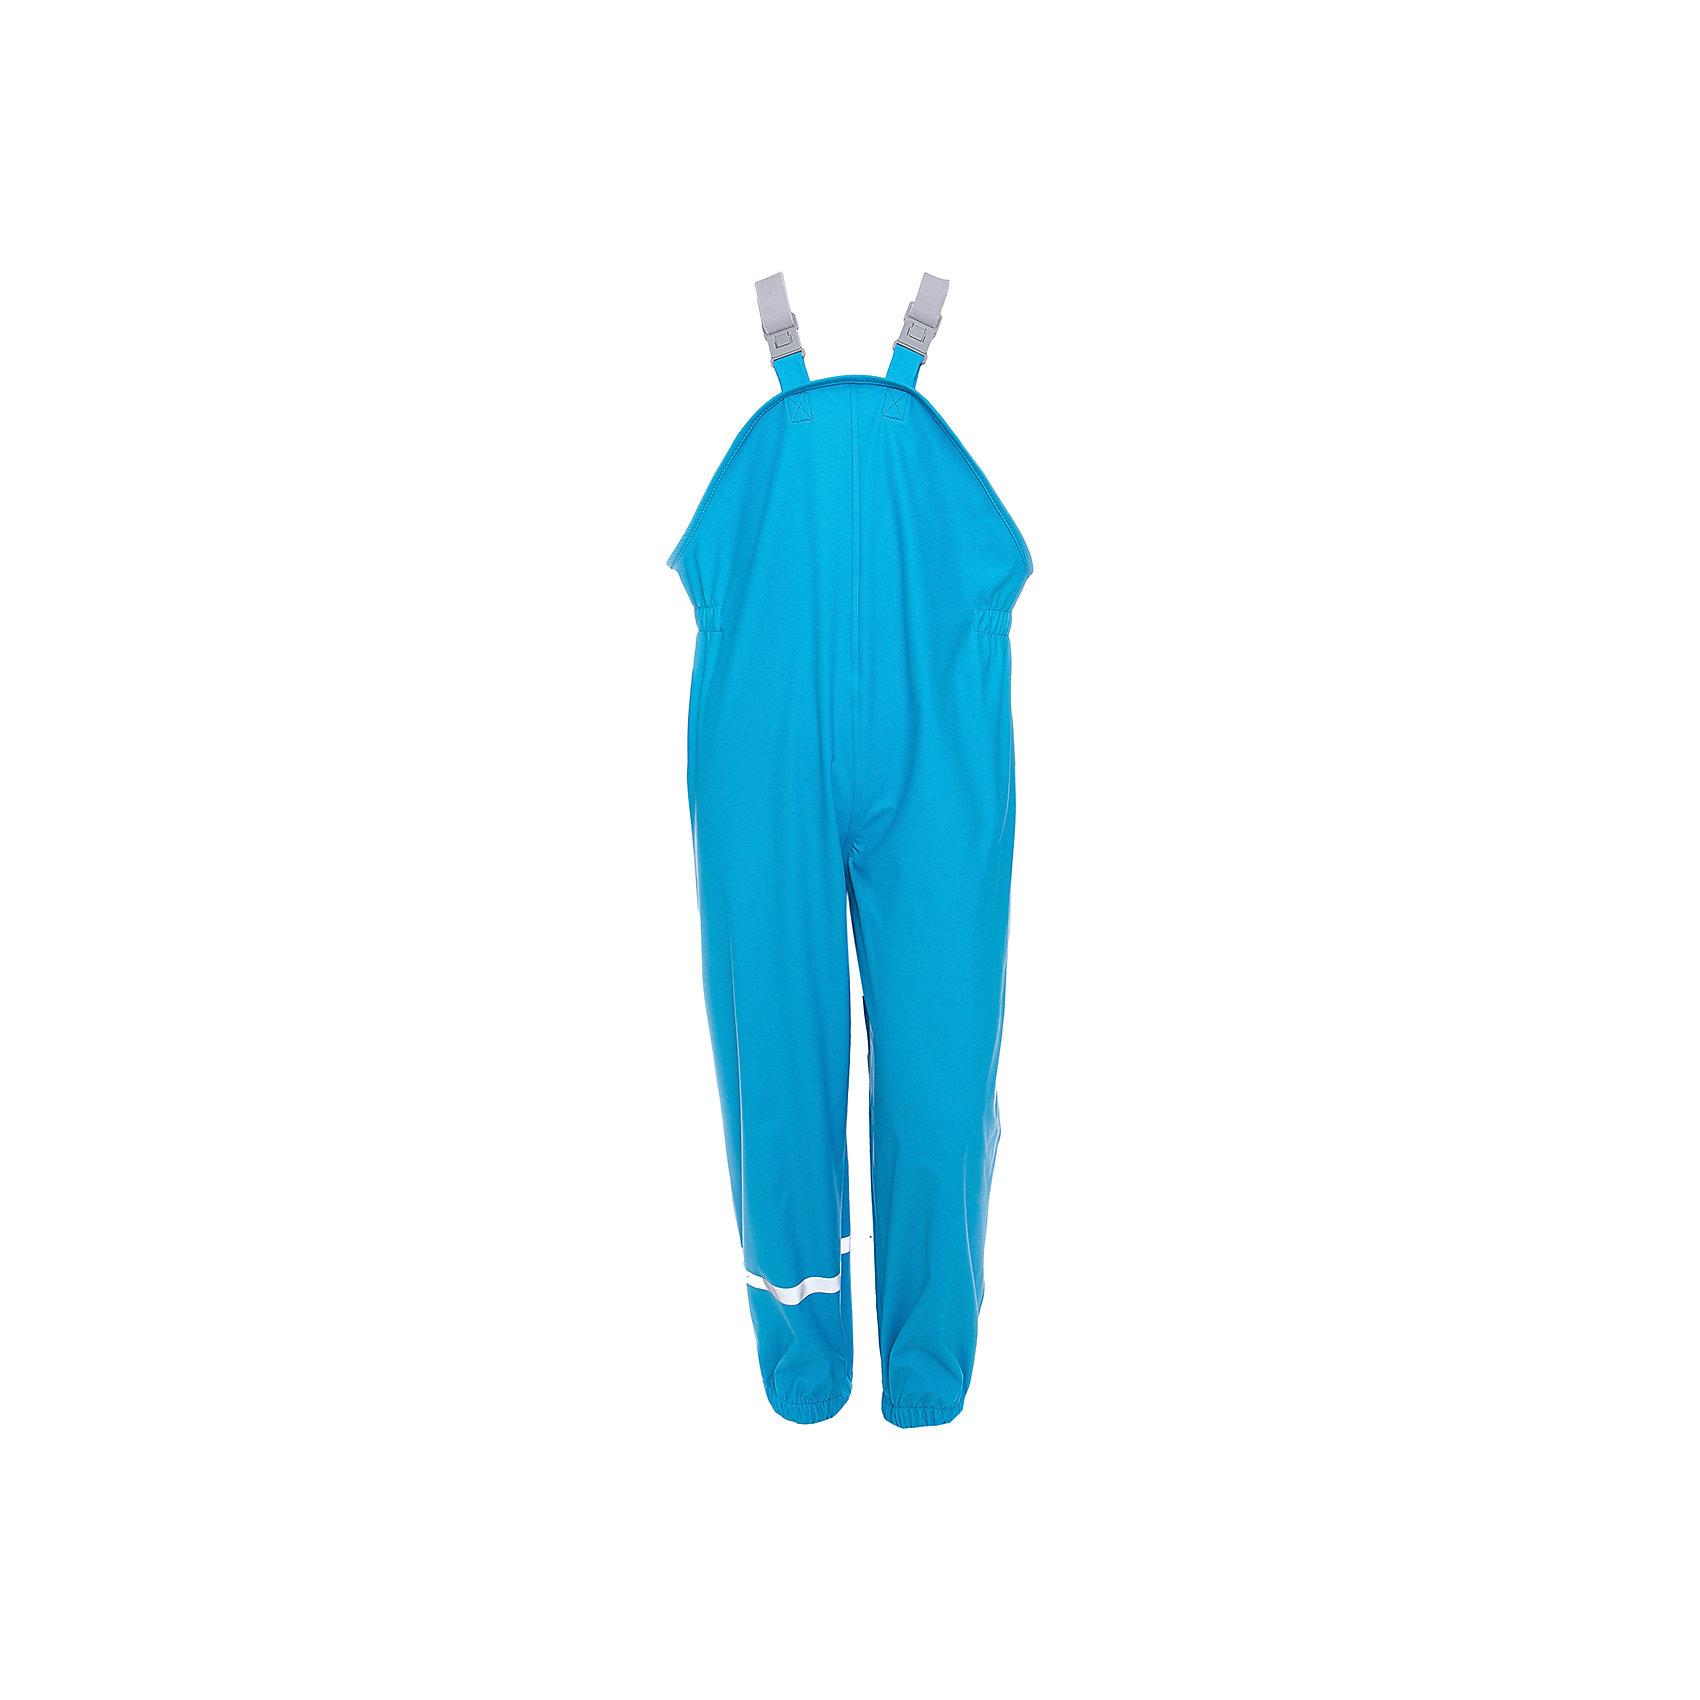 Полукомбинезон для девочки Color KidsВерхняя одежда<br>Характеристики товара:<br><br>• цвет: голубой<br>• состав: 50% полиэстер, 50% полиуретан<br>• регулируемые подтяжки<br>• без утеплителя<br>• швы проклеены<br>• водонепроницаемый <br>• ветрозащитный<br>• светоотражающие детали<br>• эластичные манжеты<br>• эластичная талия<br>• сезон: демисезон<br>• температурный режим: +10 до +20<br>• страна производства: Китай<br>• страна бренда: Дания<br><br>Такой удобный комбинезон сделан из непромокаемого легкого материала, поэтому отлично подойдет для дождливой погоды в межсезонье. <br><br>Одежду от датского бренда Color Kids уже успели оценить многие потребители по всему миру! Она удобная и красивая, если линейки, разработанные специально для детей. Для производства изделий используются только безопасные, качественные материалы и фурнитура. Подарите своем у ребенку модную и комфортную одежду от известного бренда!<br><br>Полукомбинезон для девочки от датского бренда Color Kids (Колор кидз) можно купить в нашем интернет-магазине.<br><br>Ширина мм: 215<br>Глубина мм: 88<br>Высота мм: 191<br>Вес г: 336<br>Цвет: голубой<br>Возраст от месяцев: 84<br>Возраст до месяцев: 96<br>Пол: Женский<br>Возраст: Детский<br>Размер: 128,116,122<br>SKU: 5557289